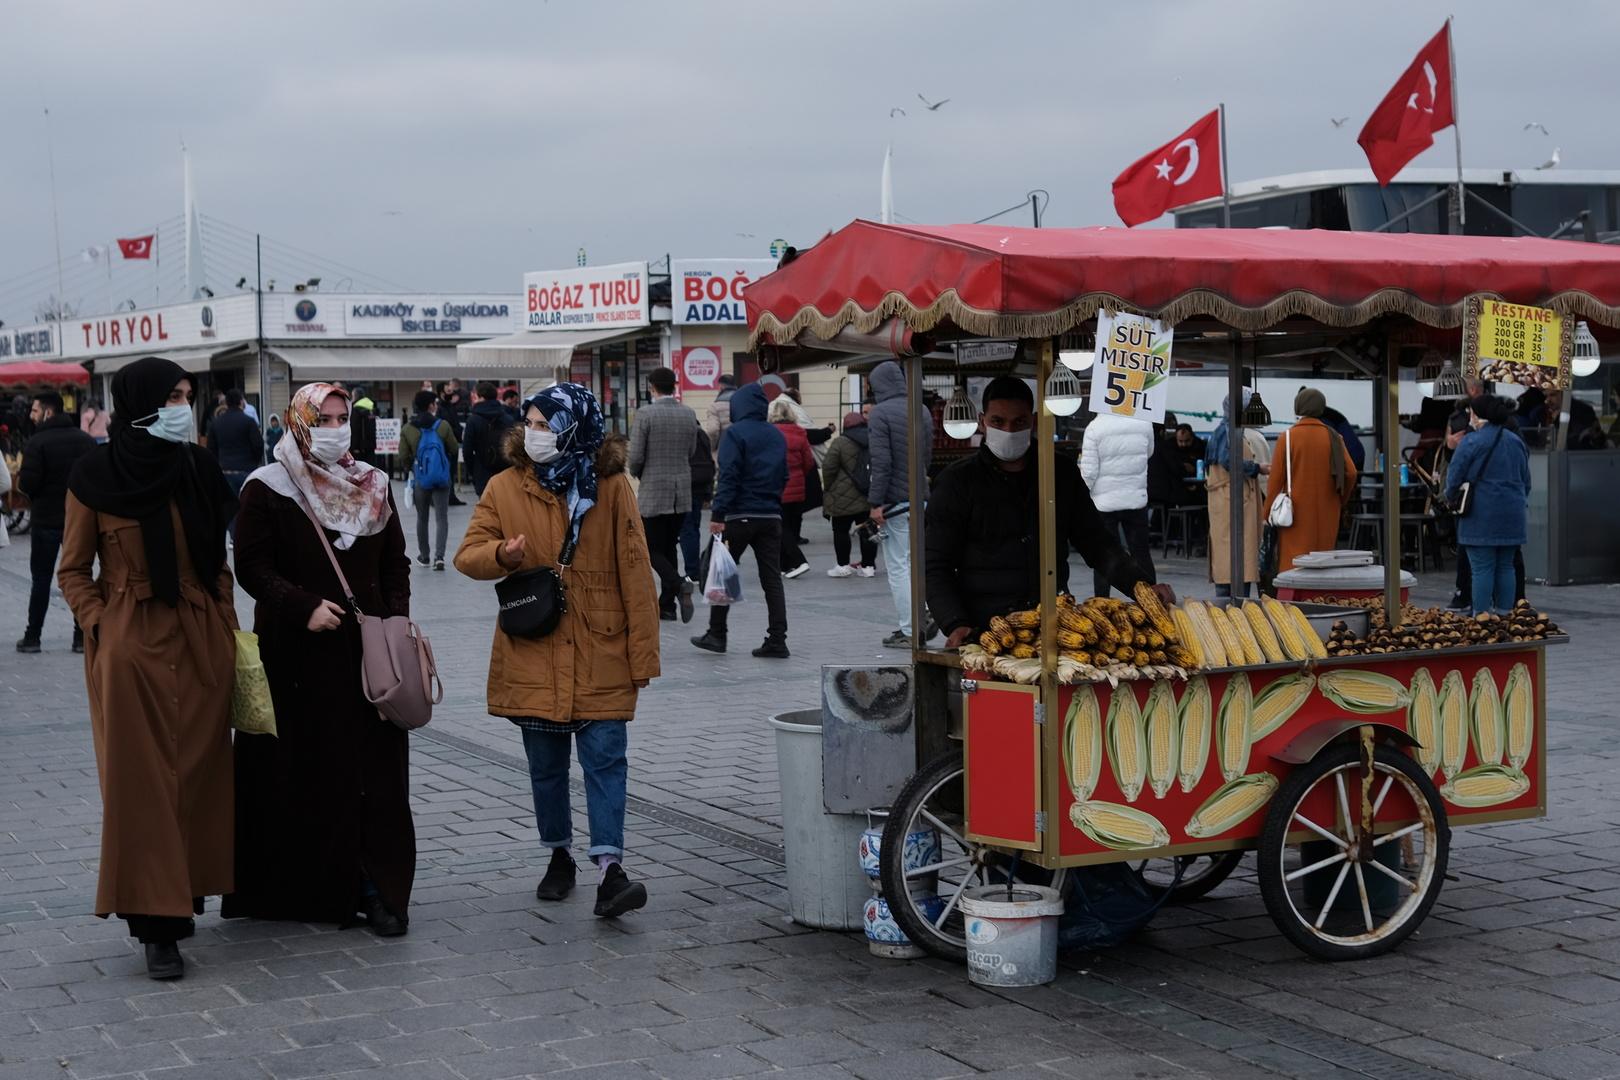 تركيا تسجل أعلى حصيلة إصابات يومية بكورونا منذ اندلاع الجائحة